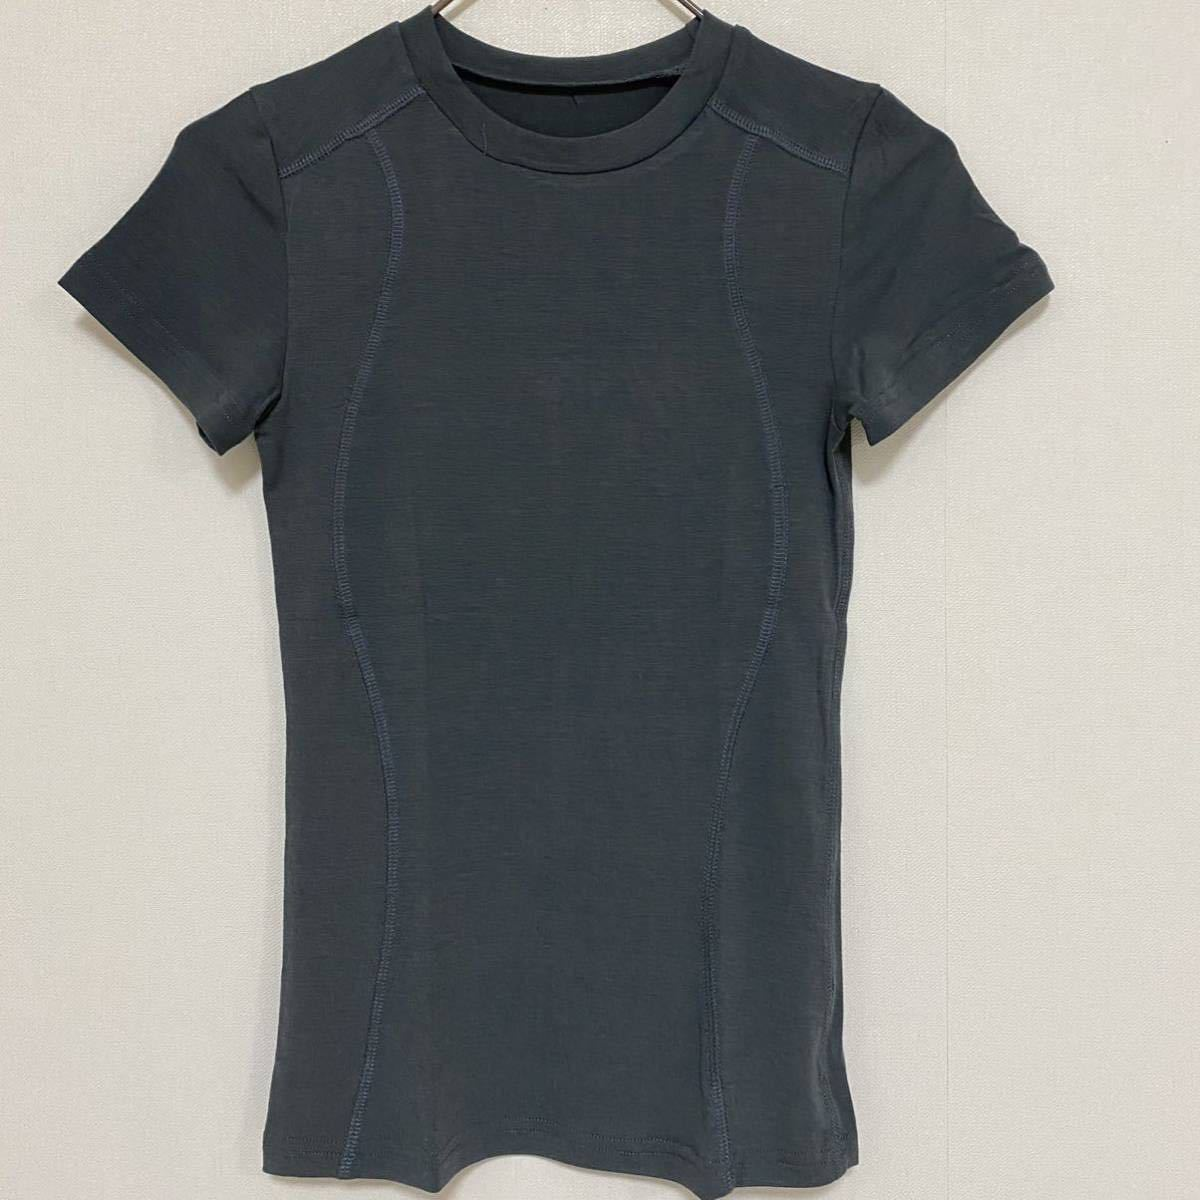 パネルステッチタイトフィット半袖スポーツTシャツMサイズ グレー 吸湿速乾 ヨガ半袖 ヨガウェア ピラティス トレーニング ランニング ジム